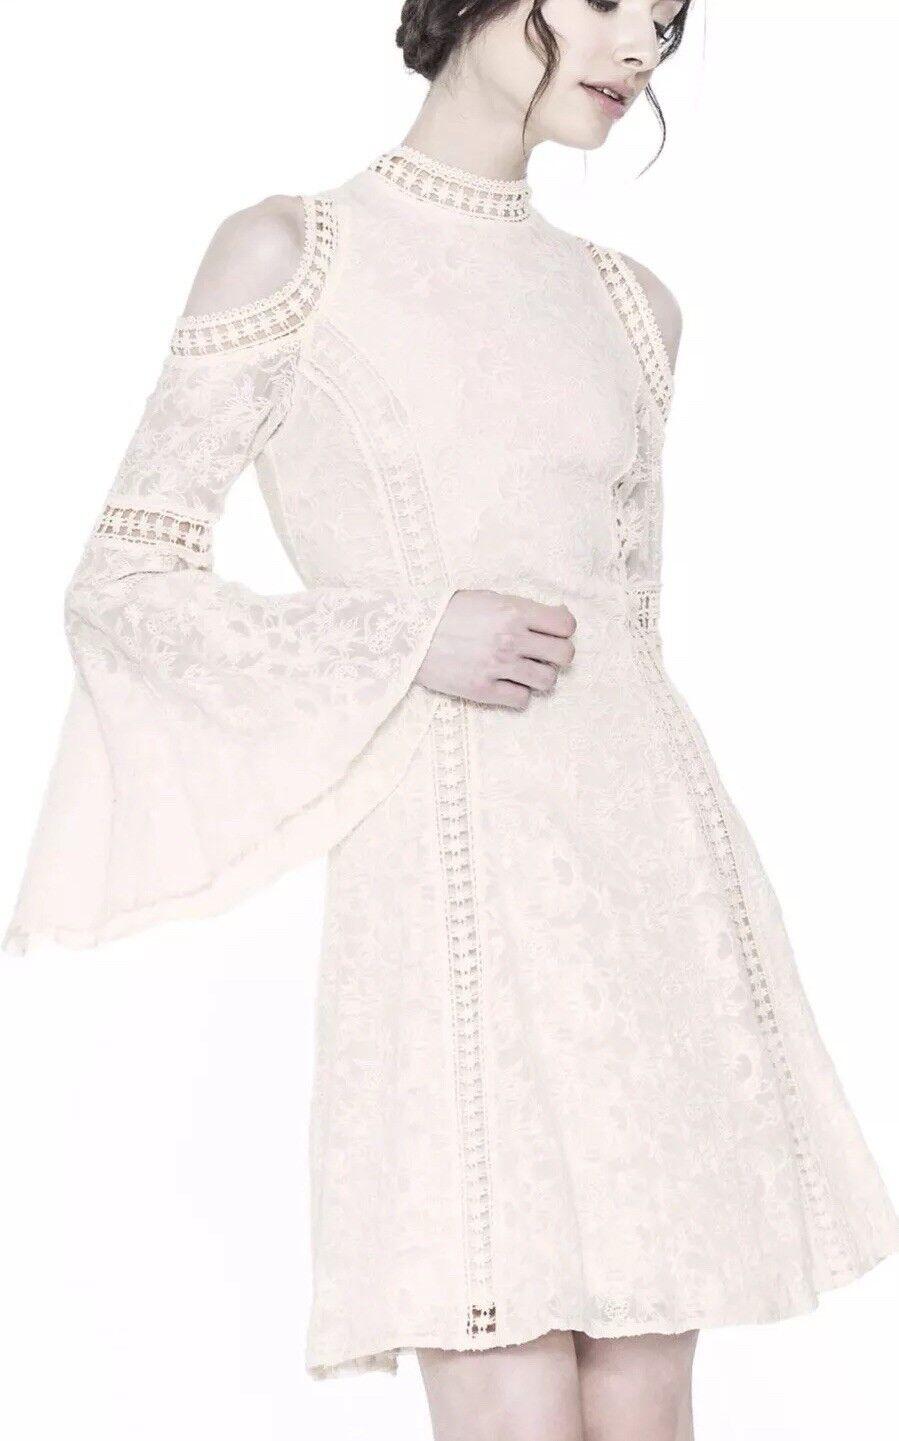 Alice + Olivia Enya Cold Shoulder Lace Dress Ivory Size 6 NWOT